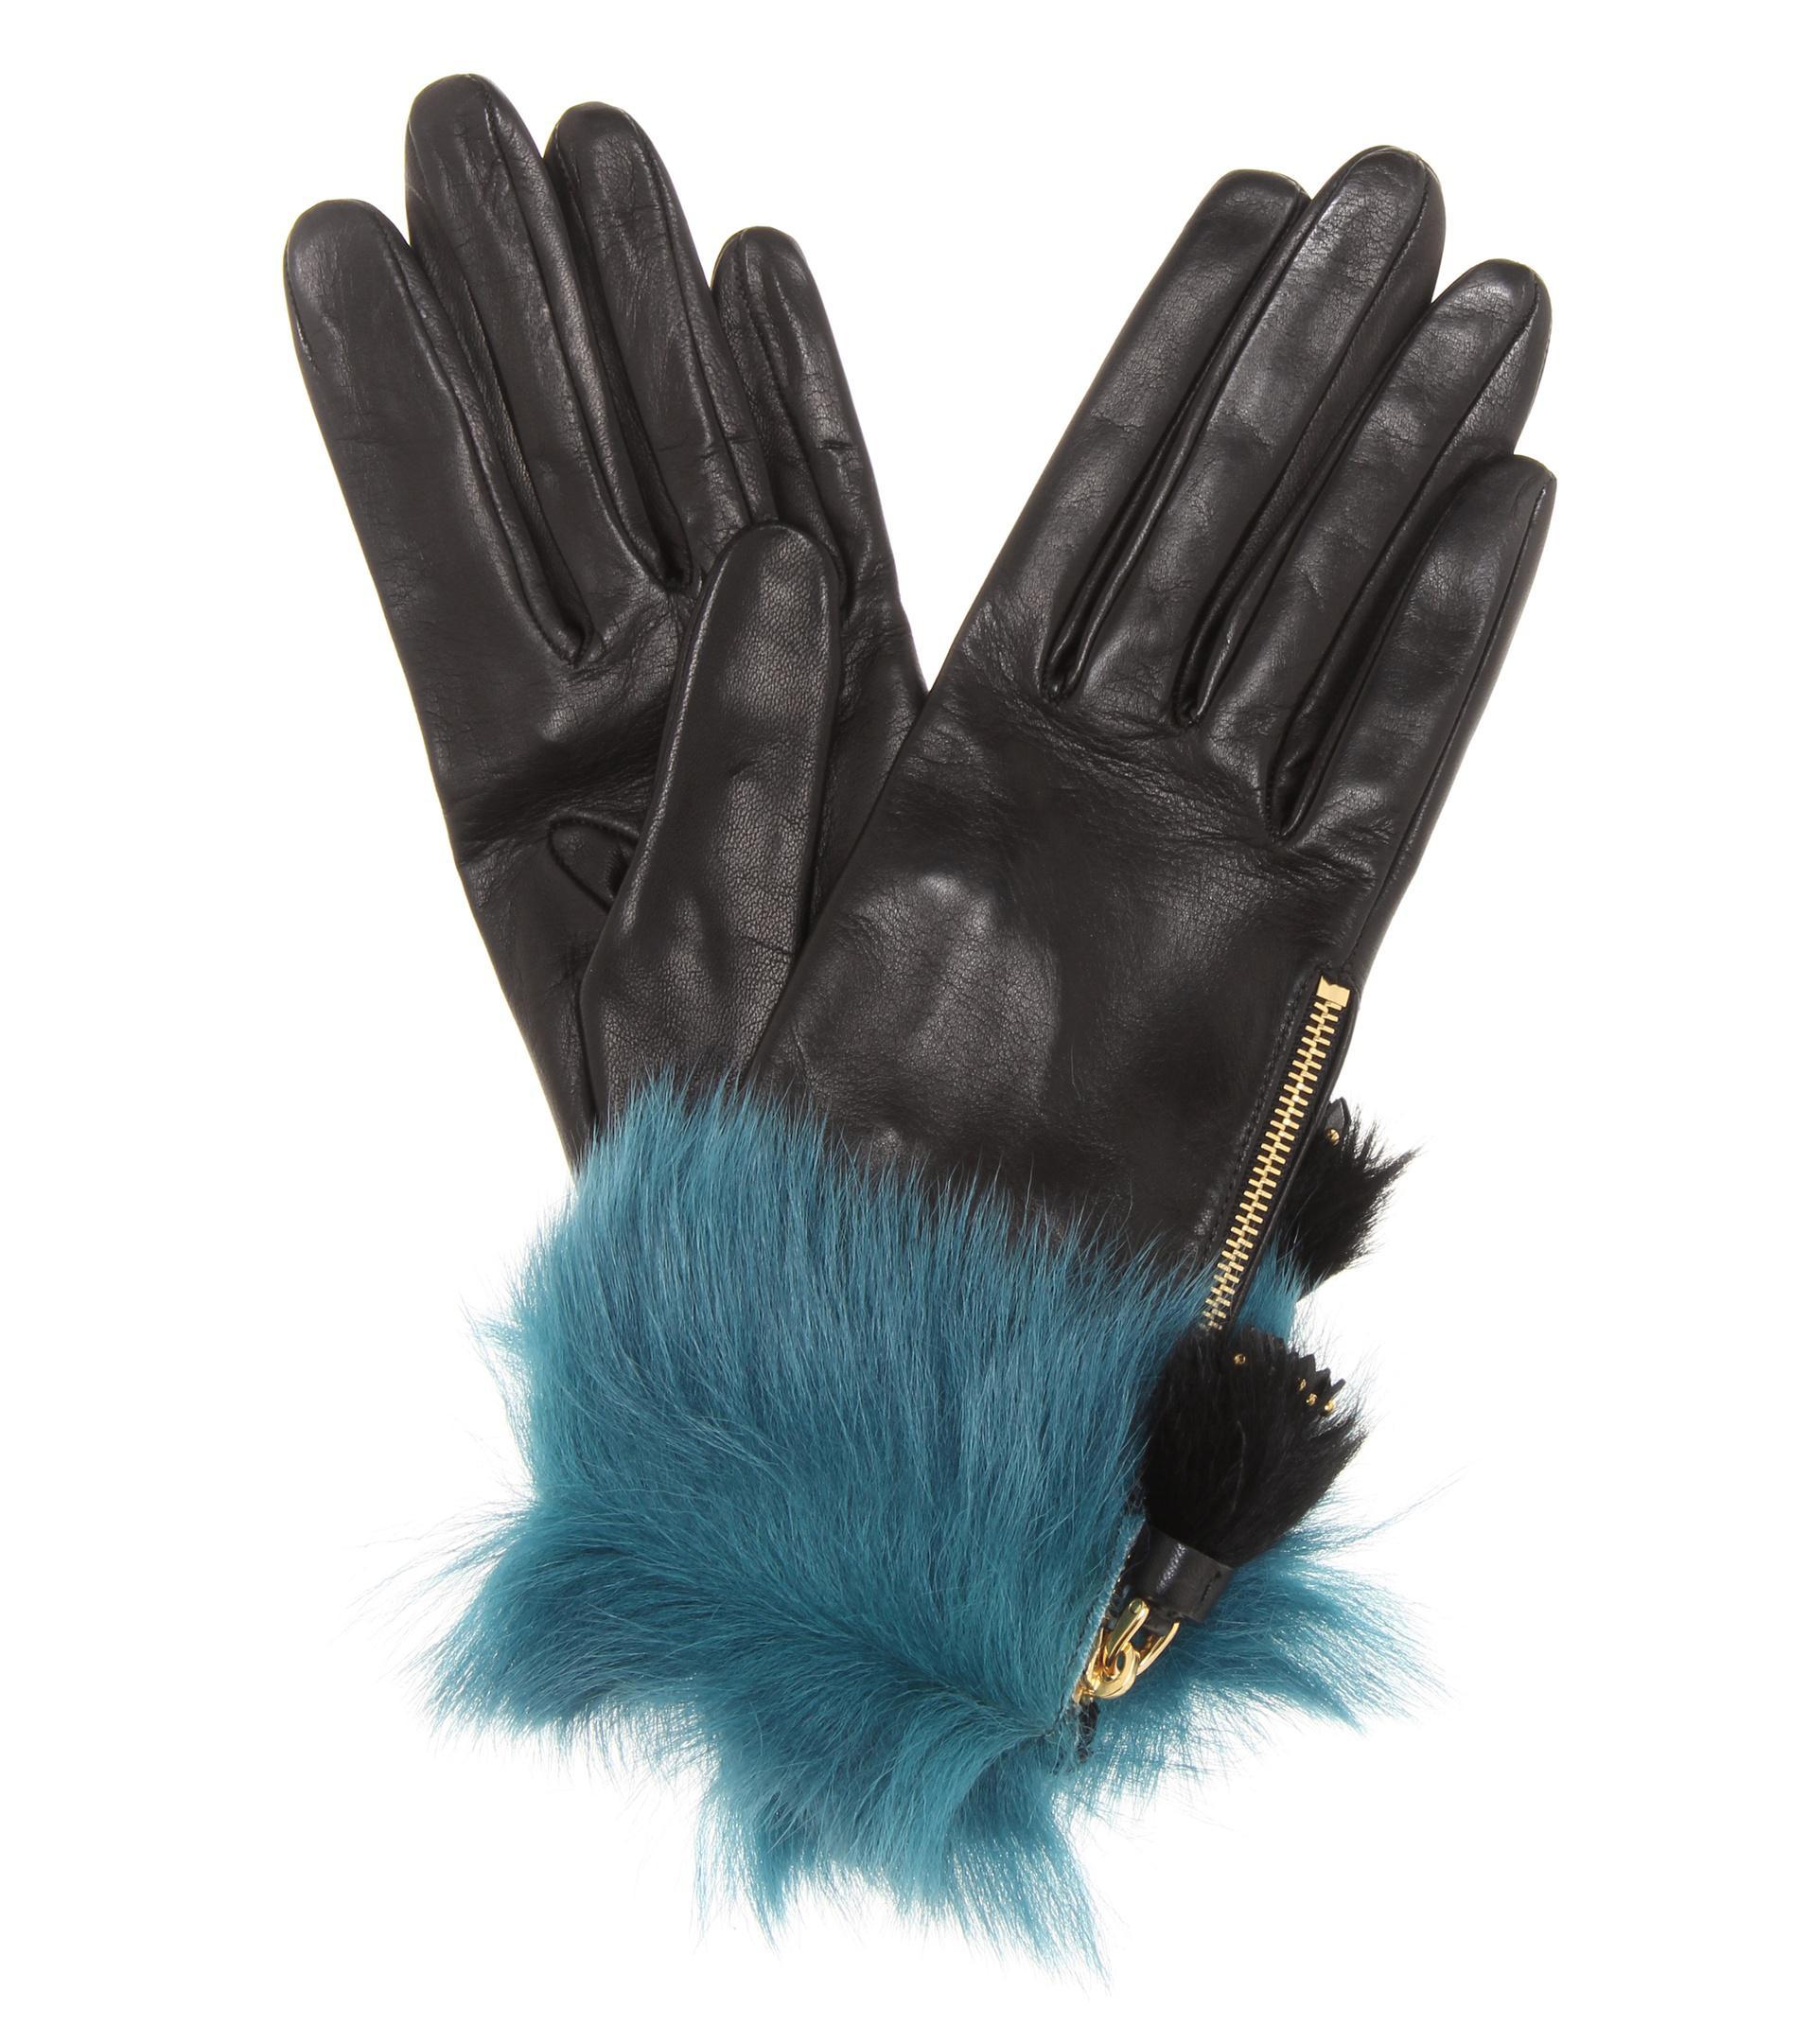 4aae94d3a3553 Prada Handschuhe aus Leder mit Pelz in Schwarz - Lyst